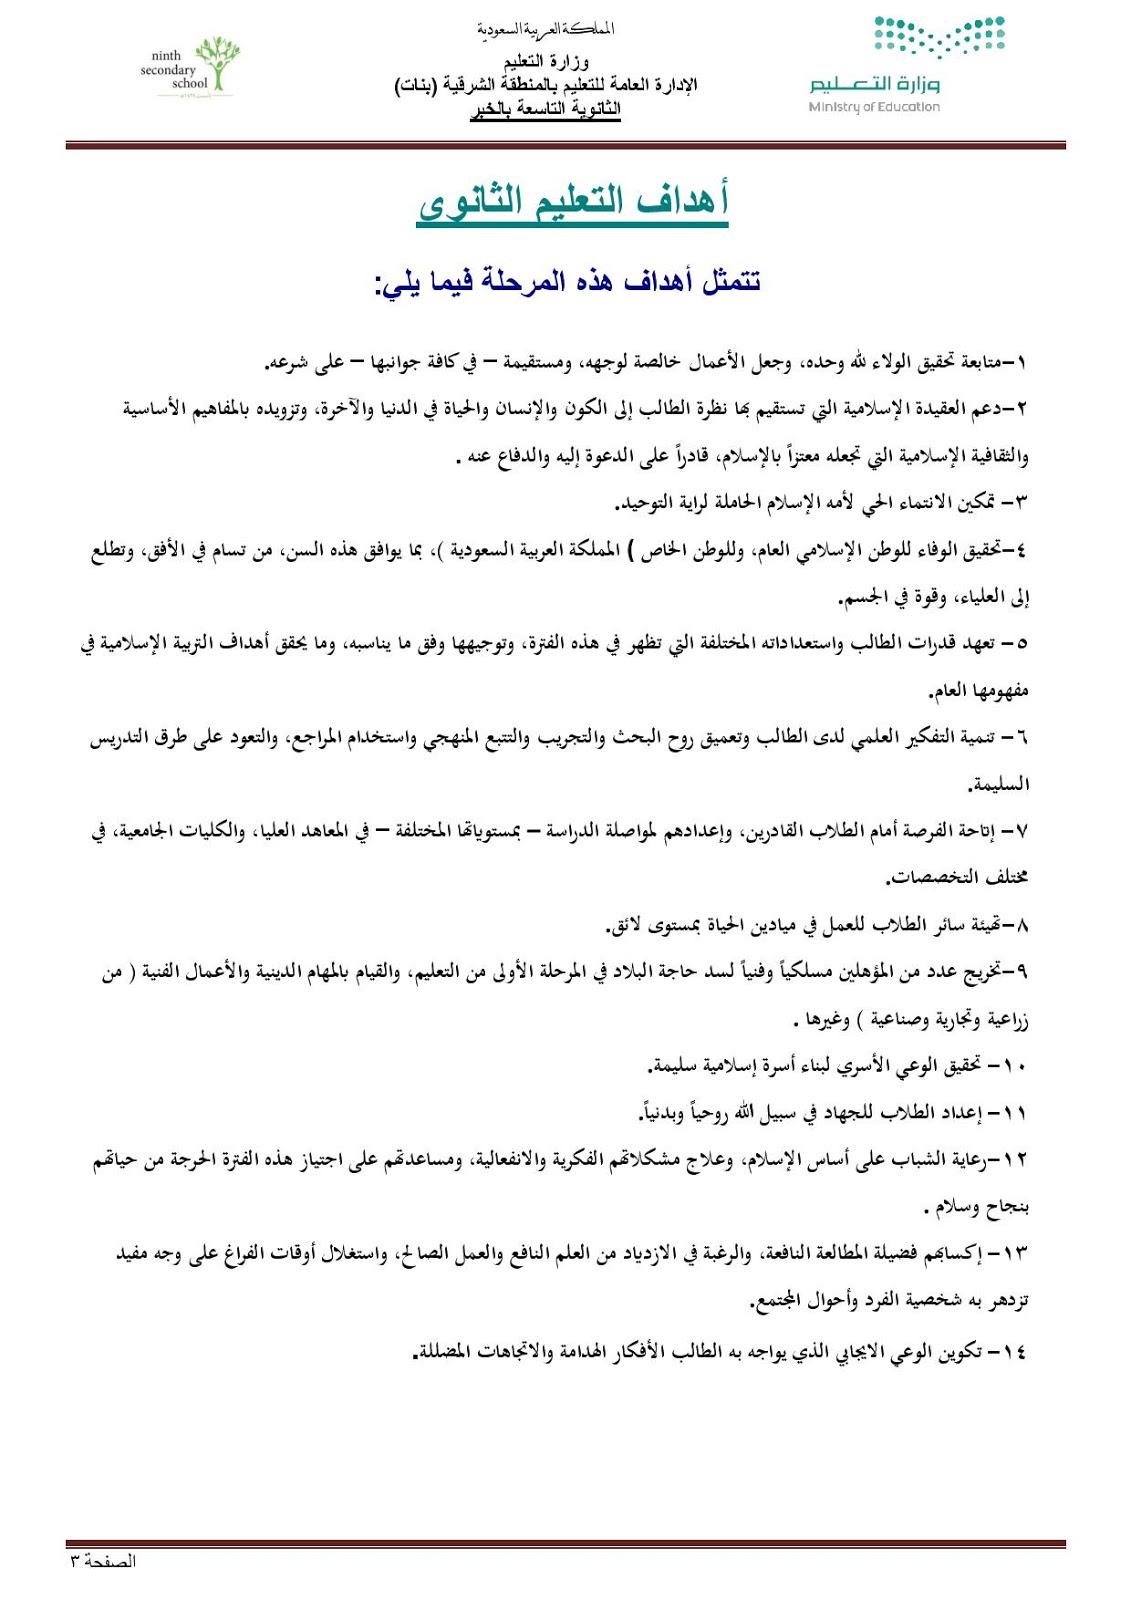 الأهداف العامة للتعليم بالمملكة العربية السعودية مدونة الثانوية التاسعة بالخبر